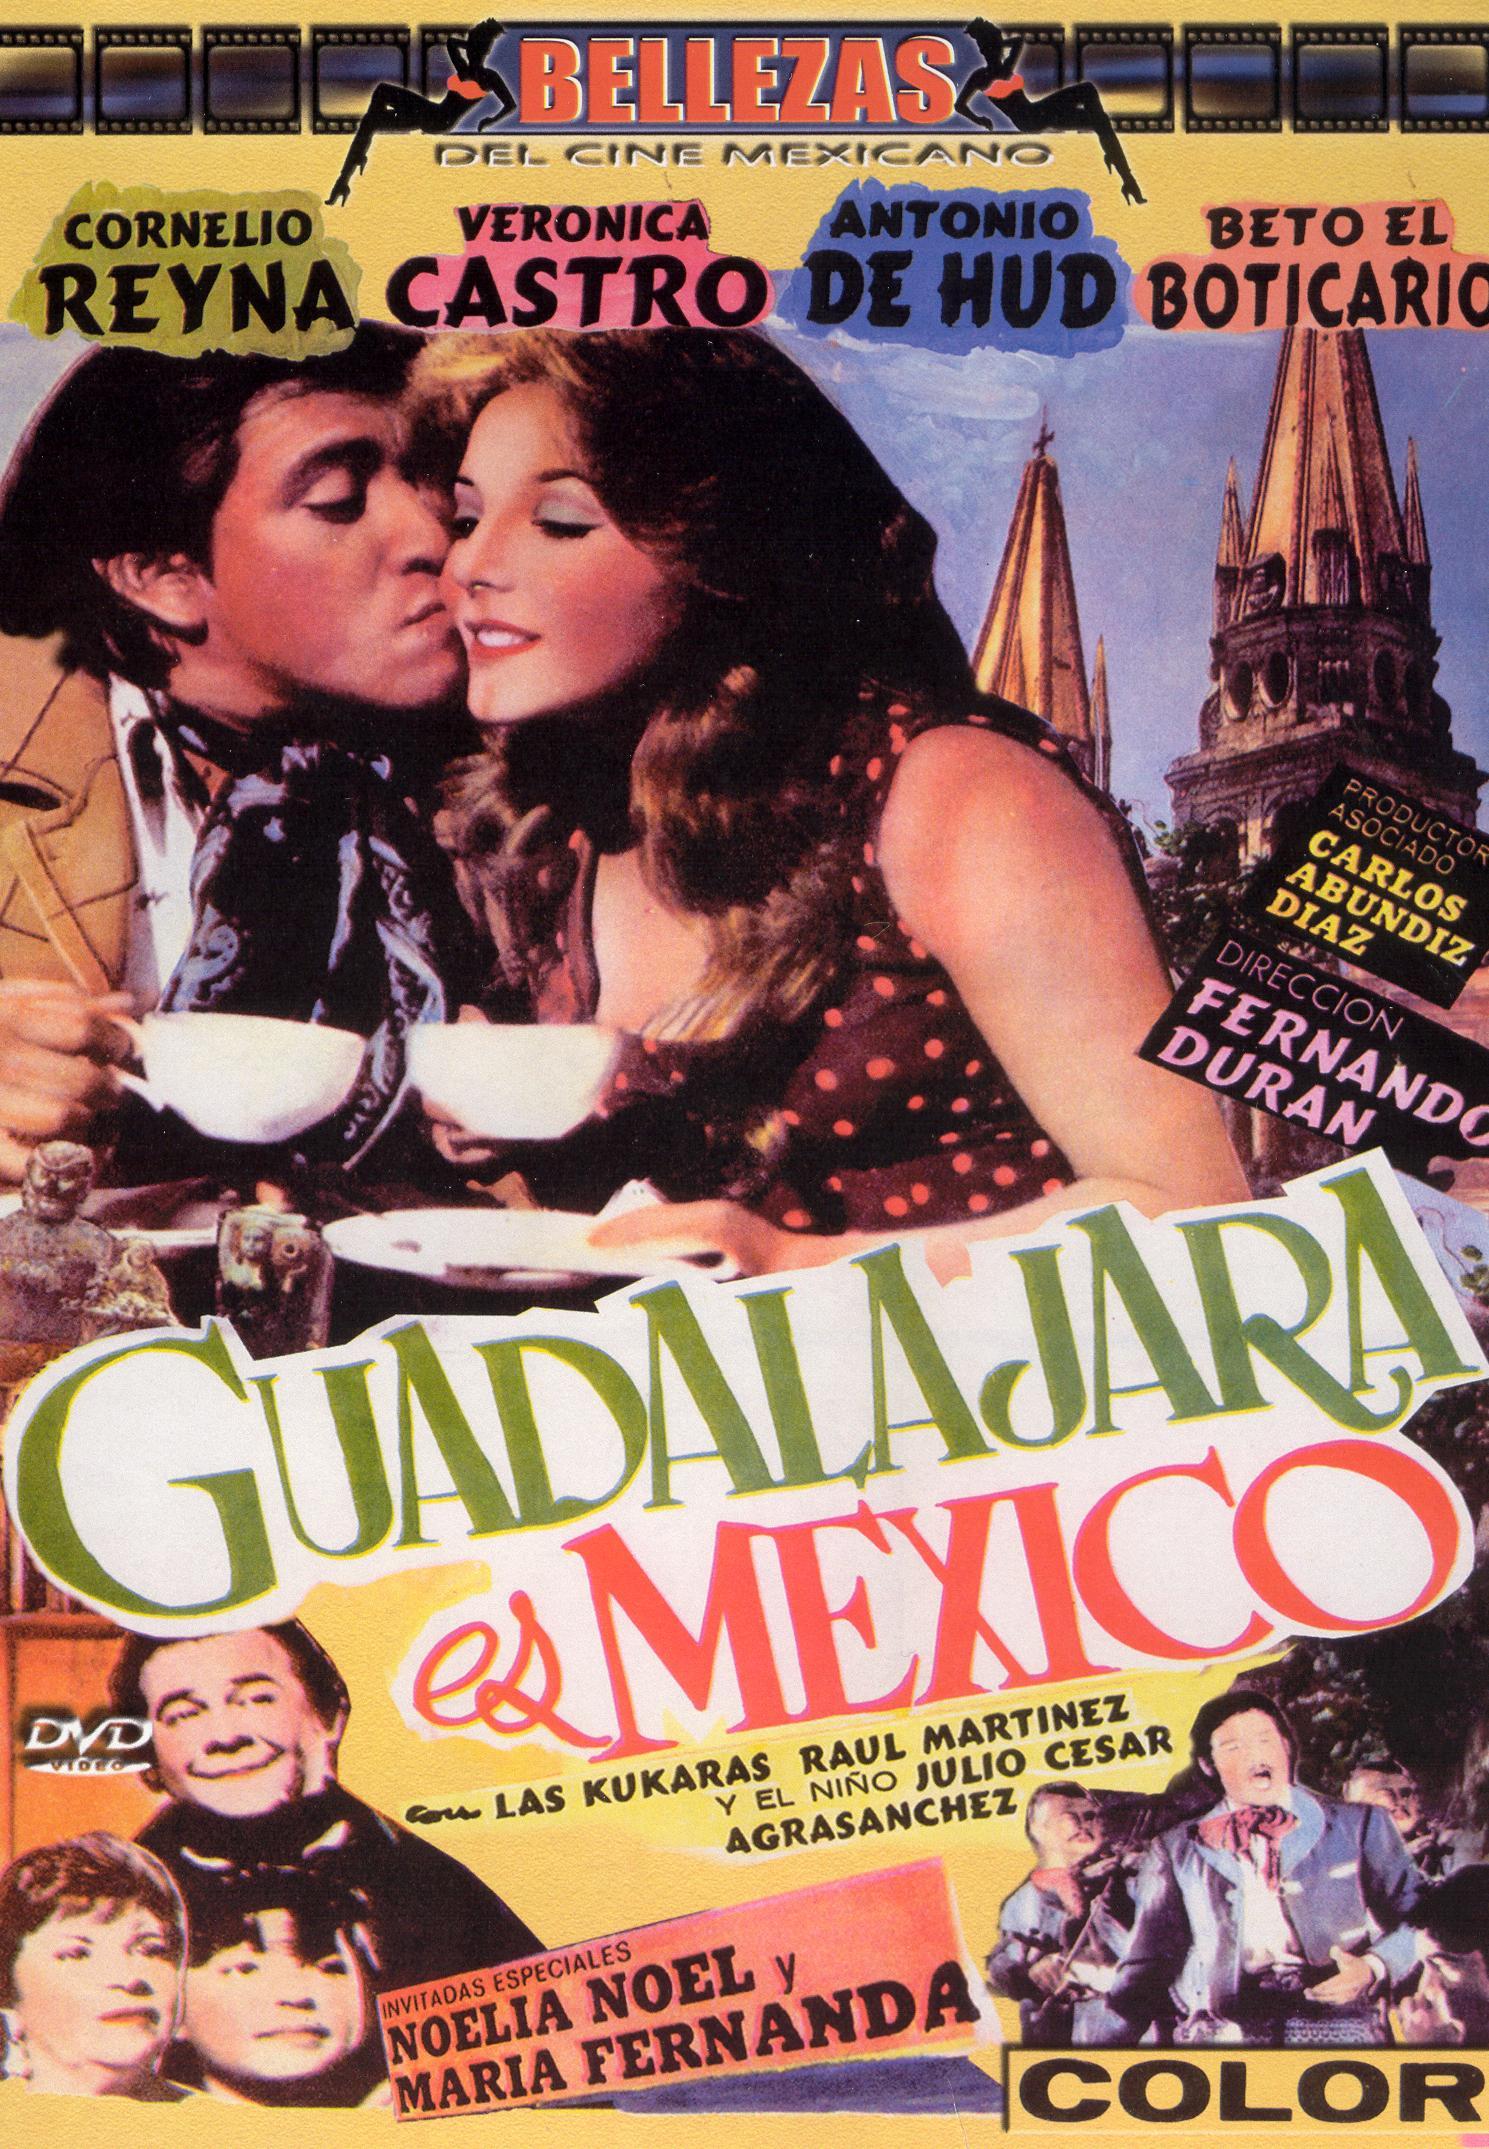 Guadalajara es Mexico